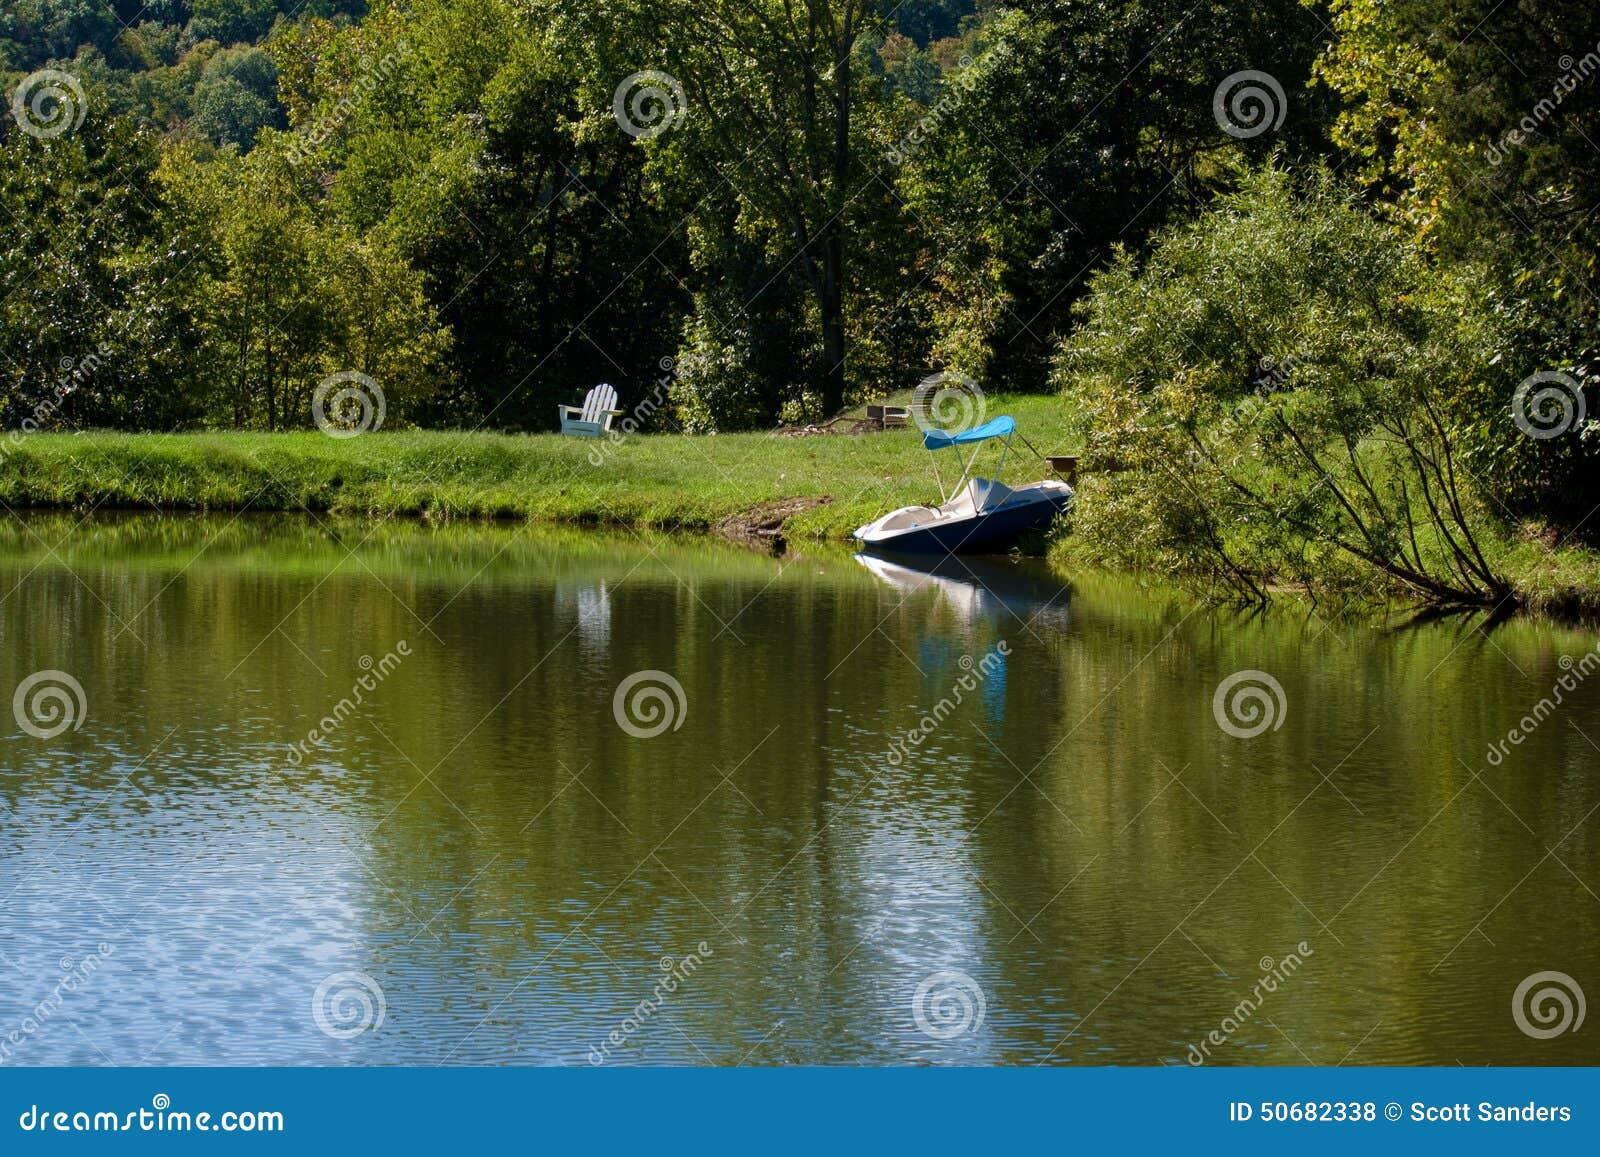 Download 池塘 库存照片. 图片 包括有 夏天, 颜色, 草坪, 结构树, 视图, 椅子, 五颜六色, 木头, 池塘 - 50682338